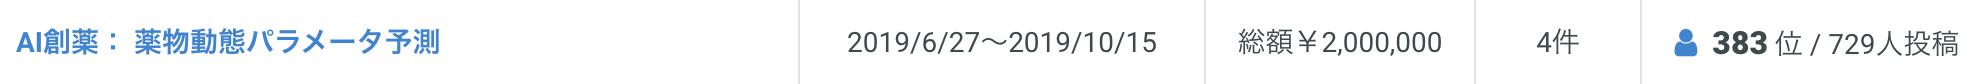 スクリーンショット 2019-12-04 22.12.45.png